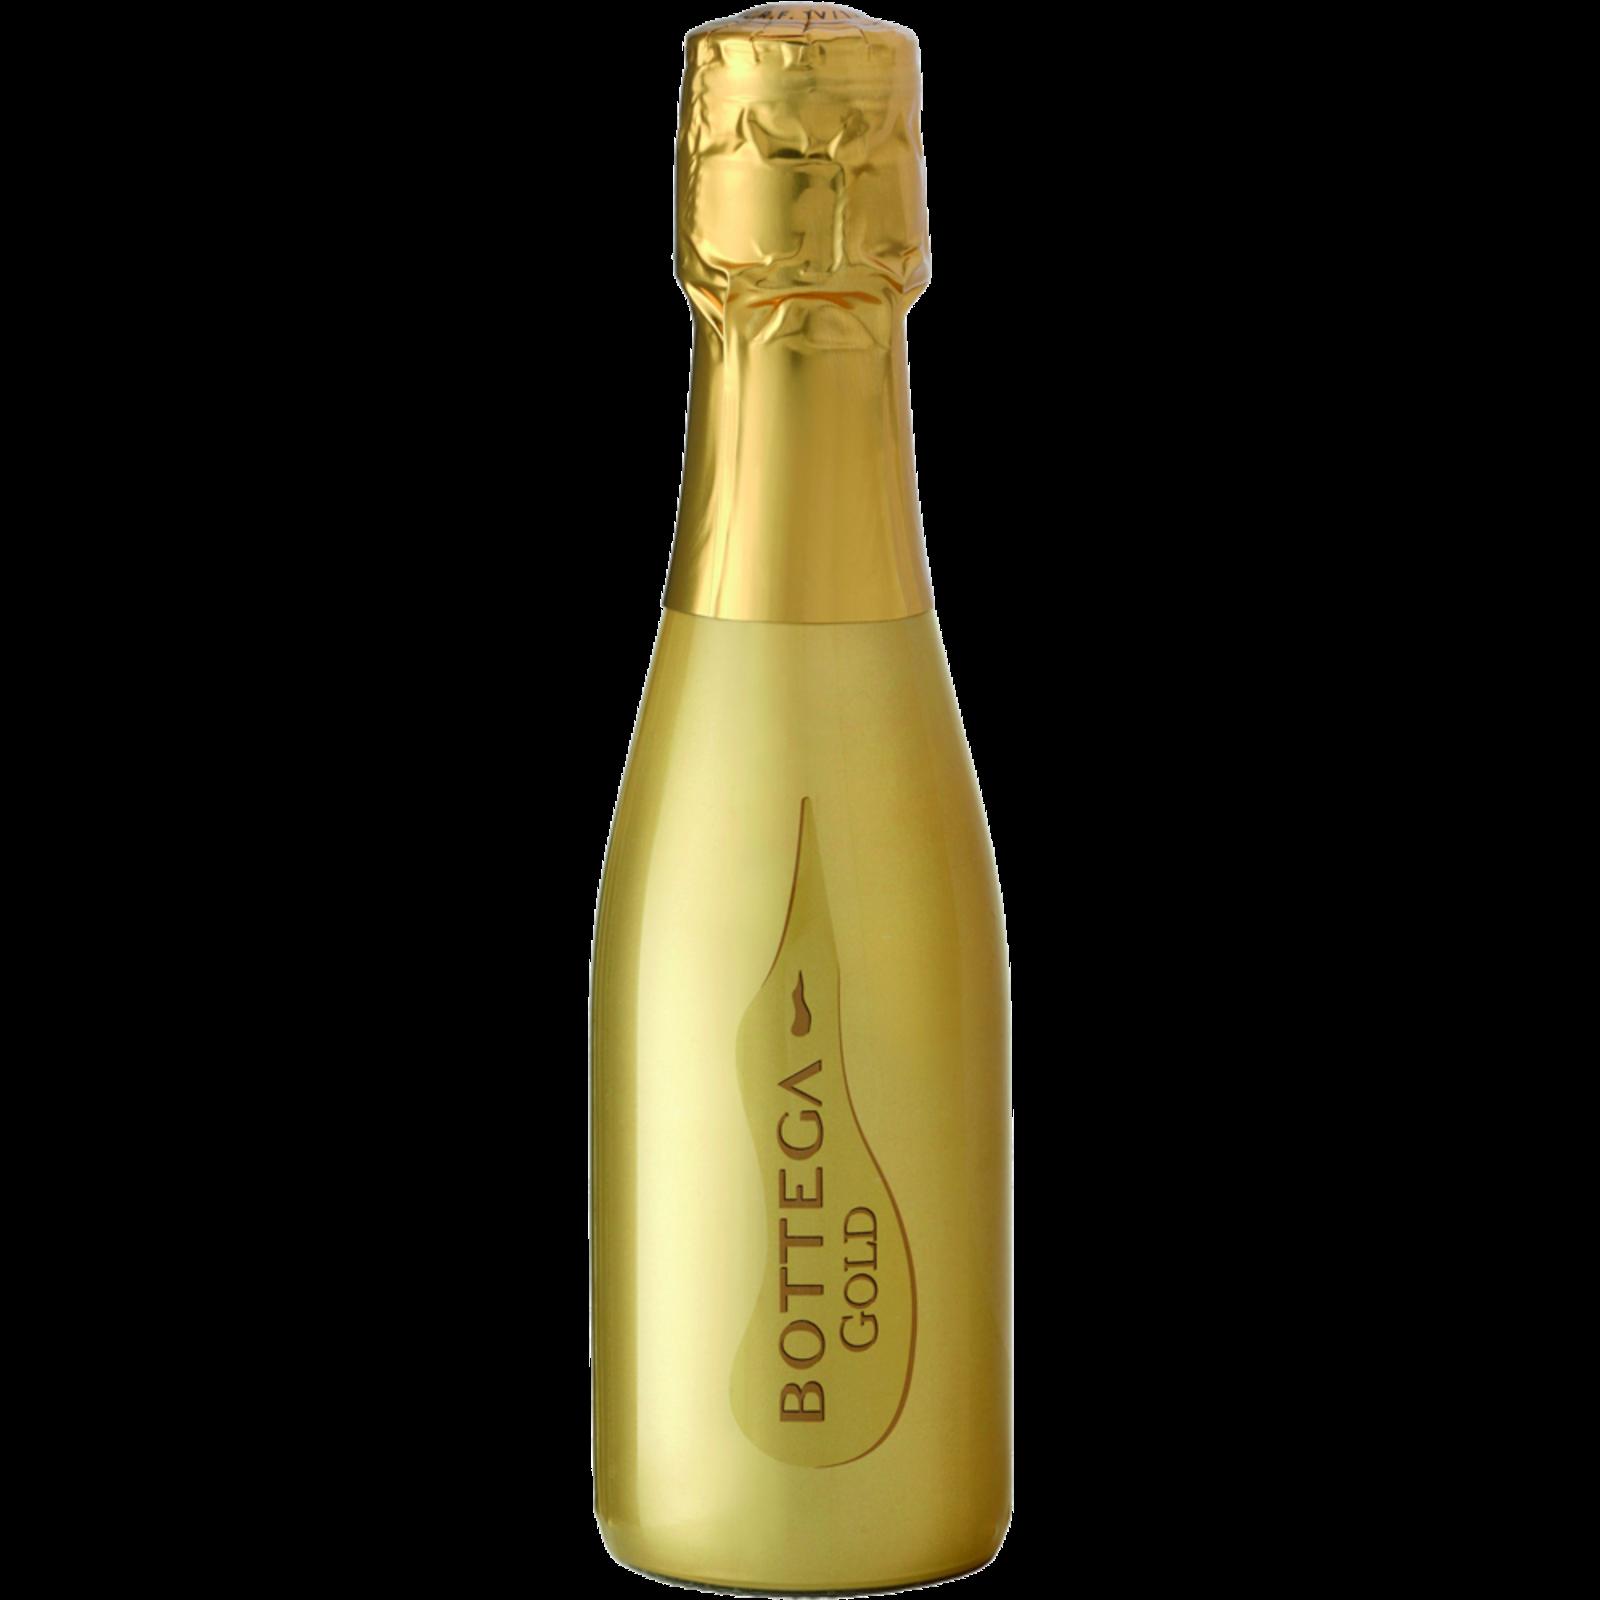 Bottega Bottega Gold Prosecco Piccolo